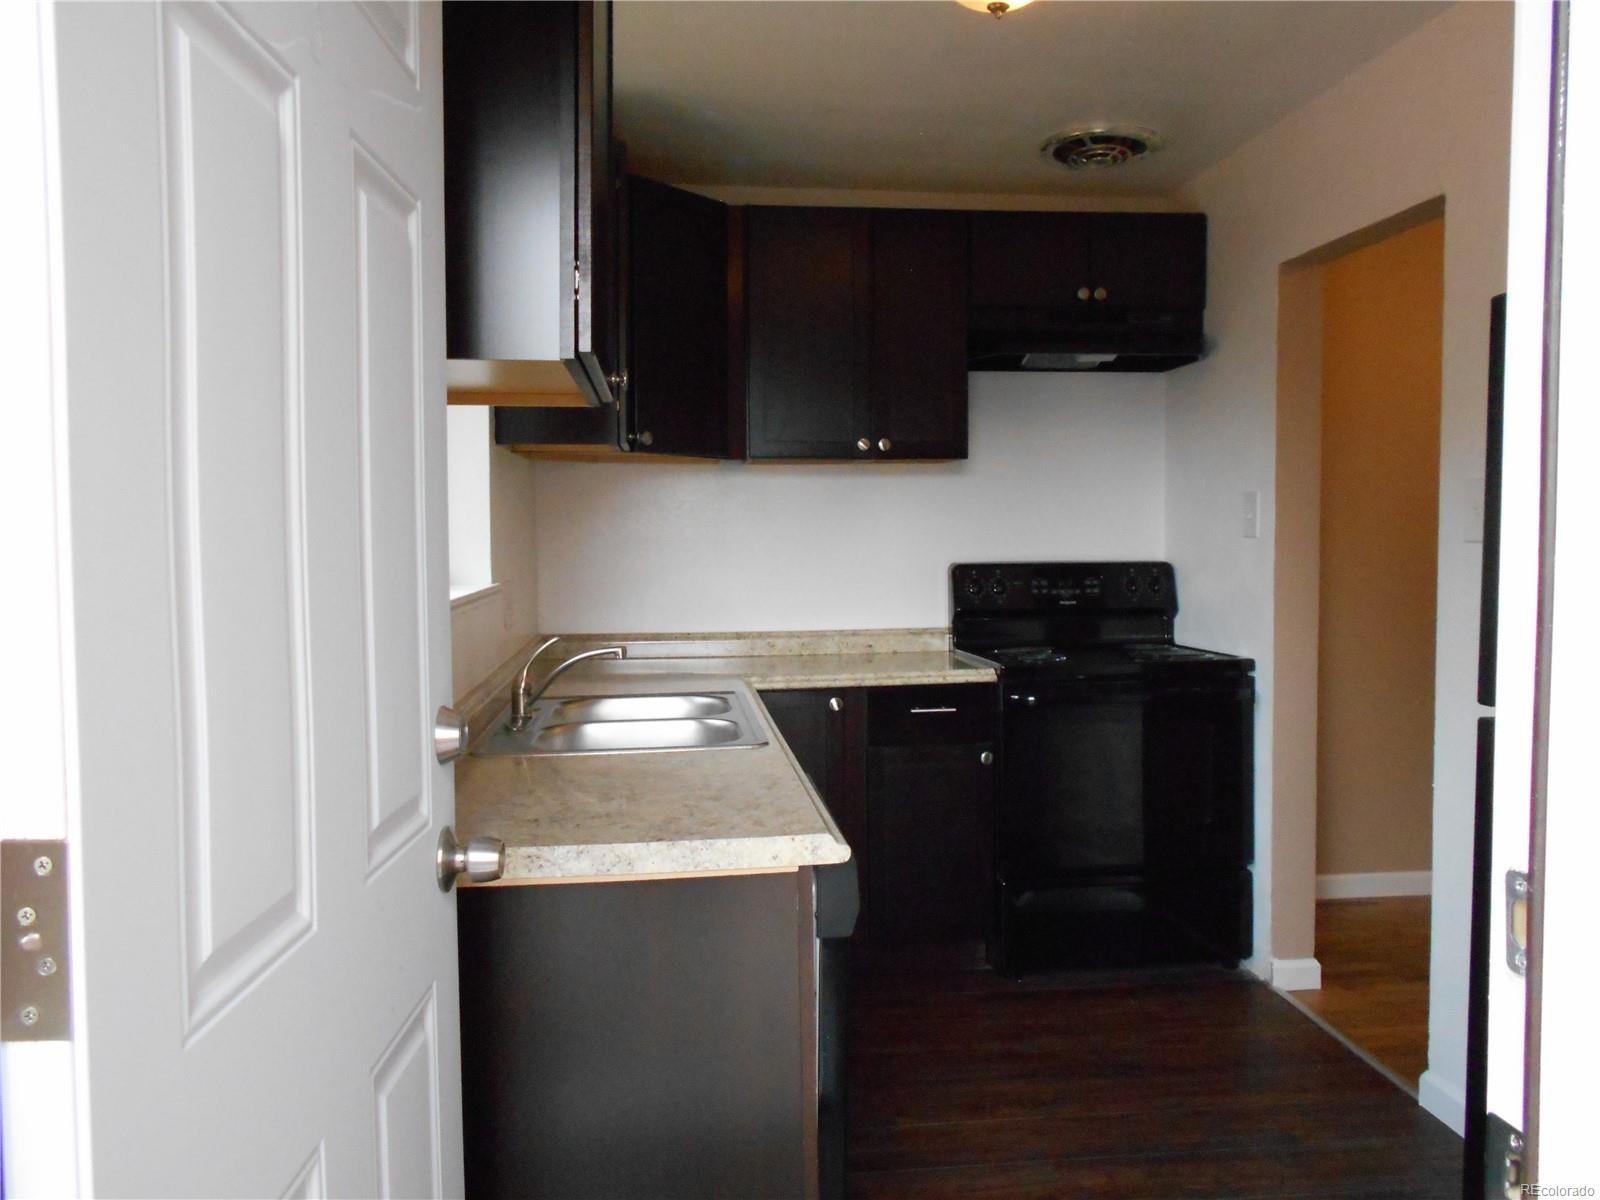 MLS# 7620940 - 32 - 166 S Kendall Street, Lakewood, CO 80226